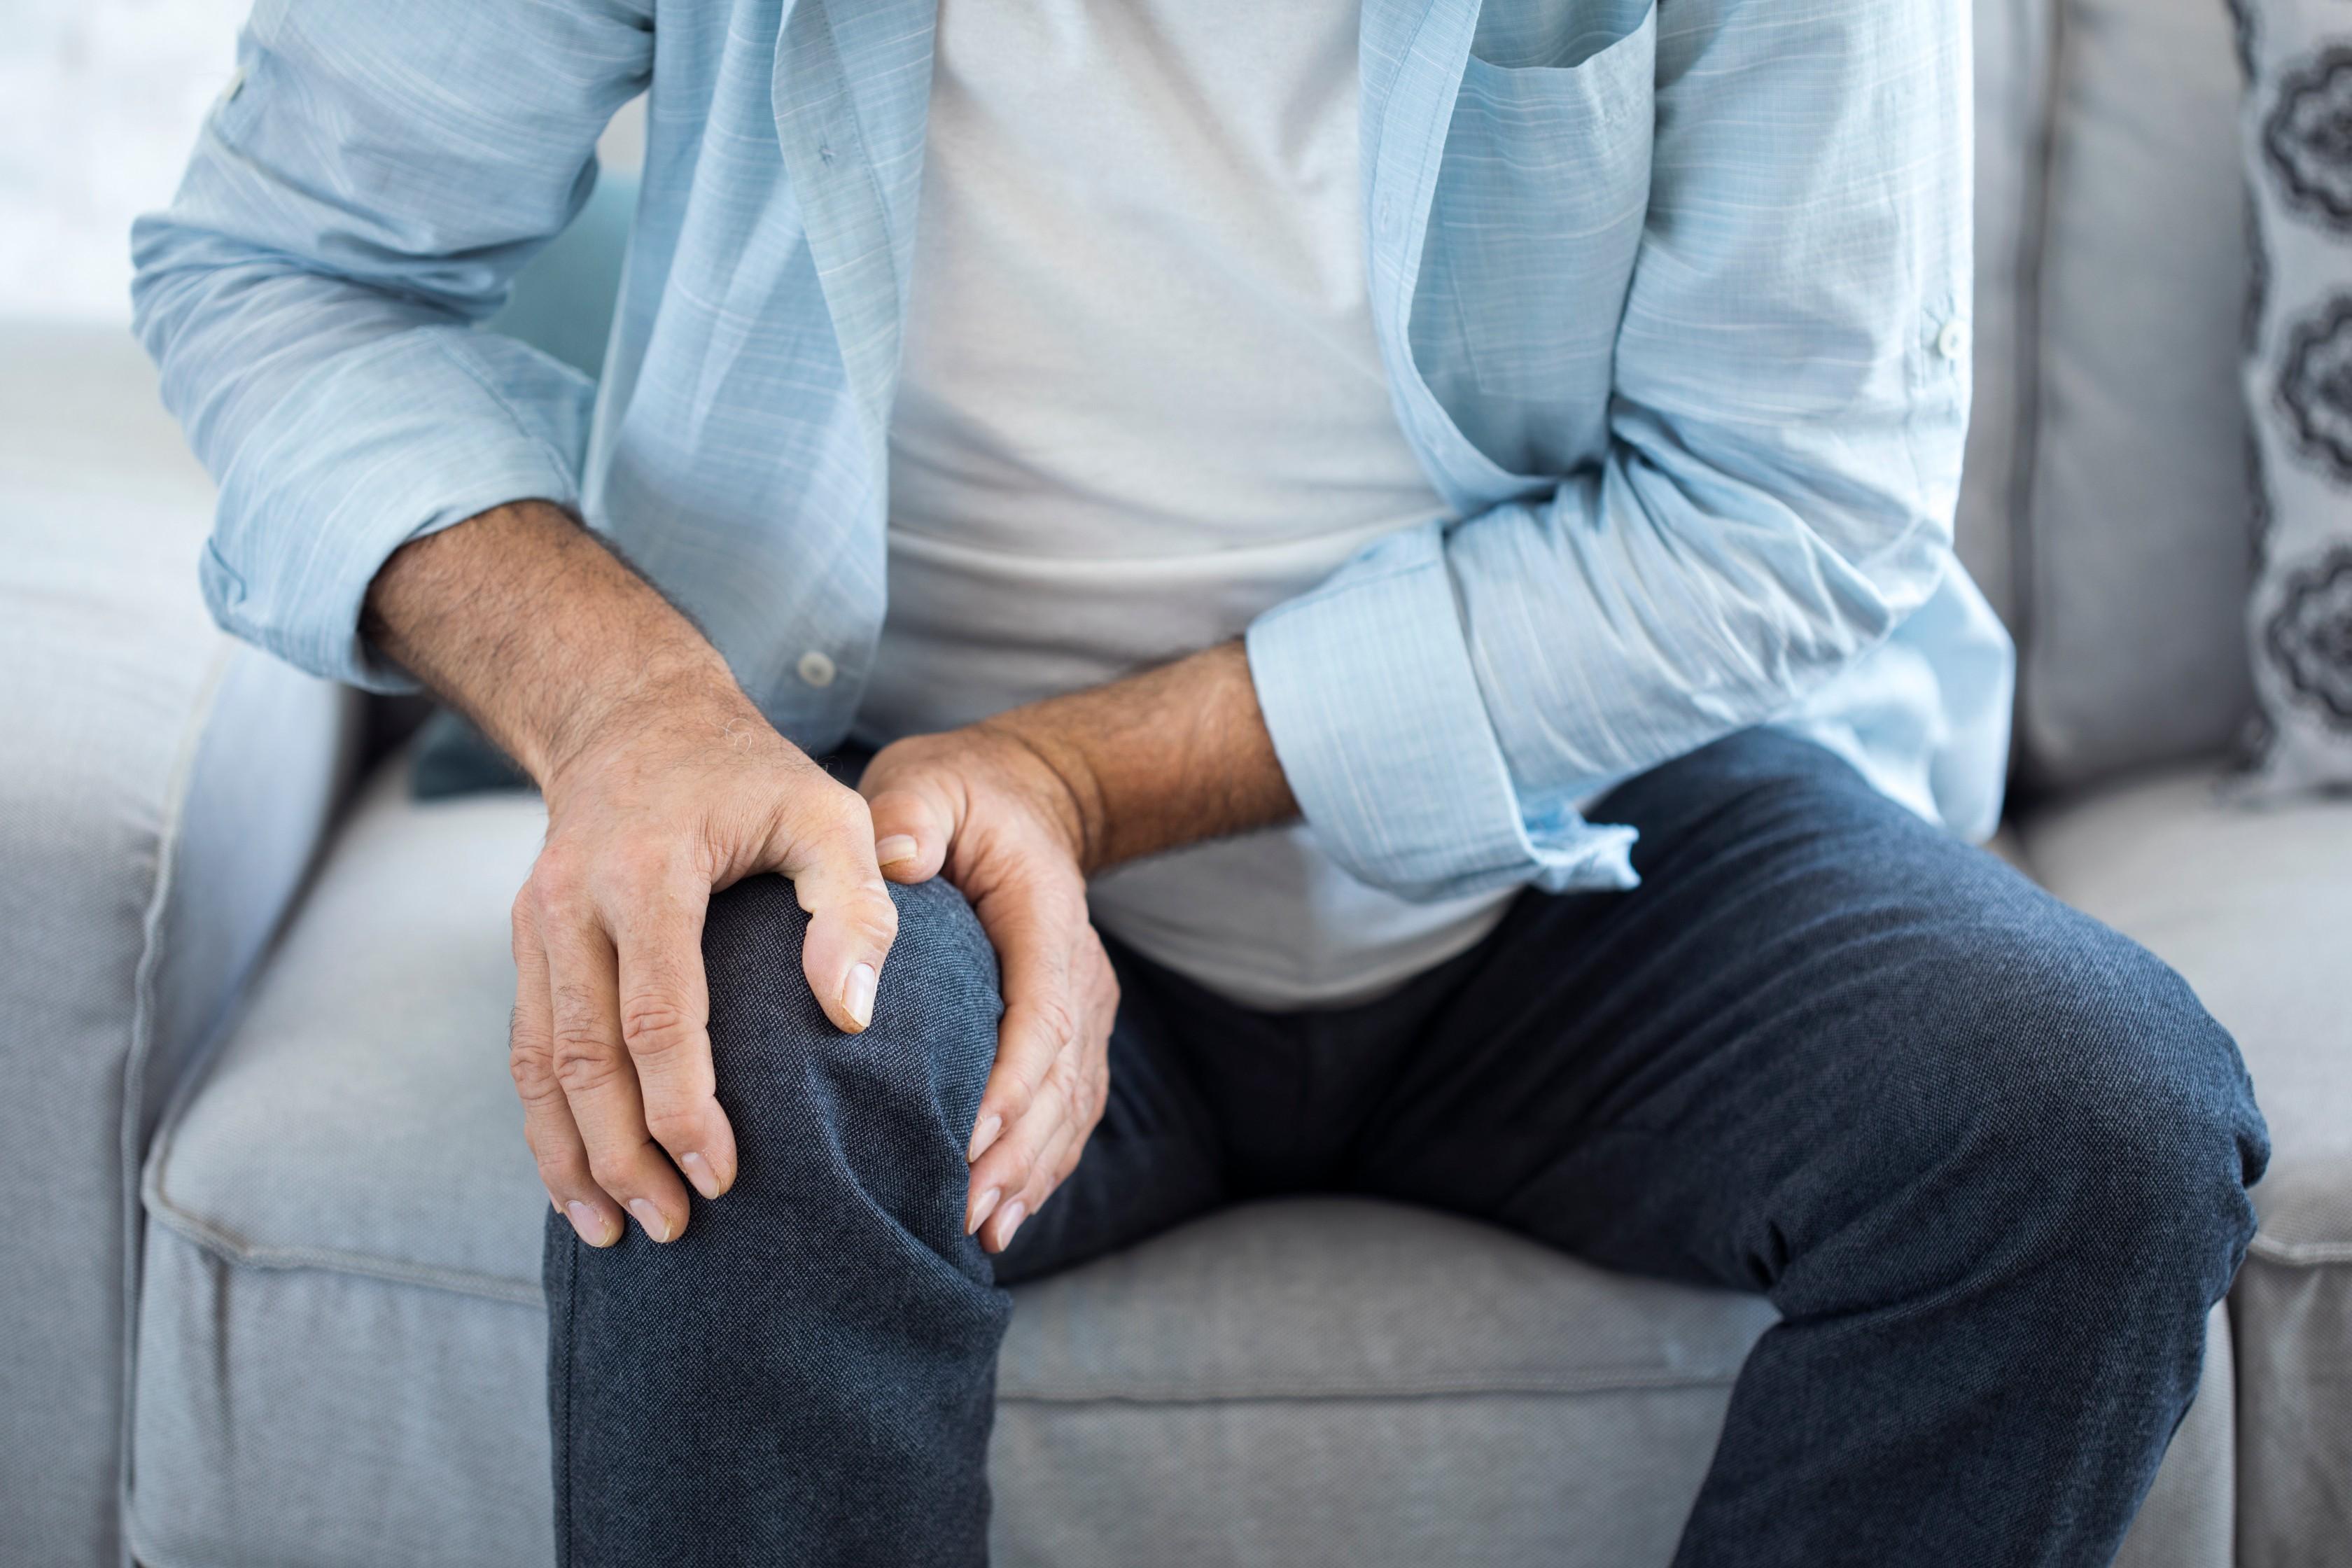 hogyan lehet enyhíteni a fájdalmat a térdpótlás után folyadék jelenléte a térdízület kezelésében